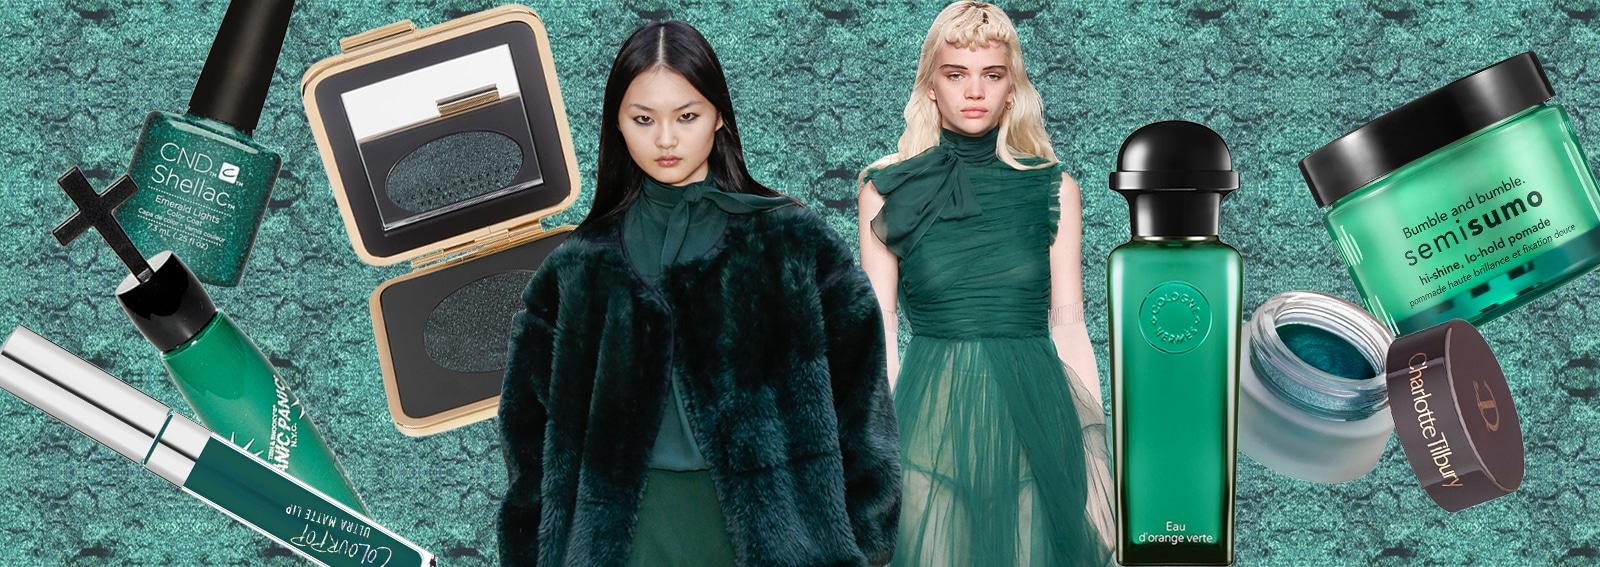 trucco verde smeraldo collage_desktop